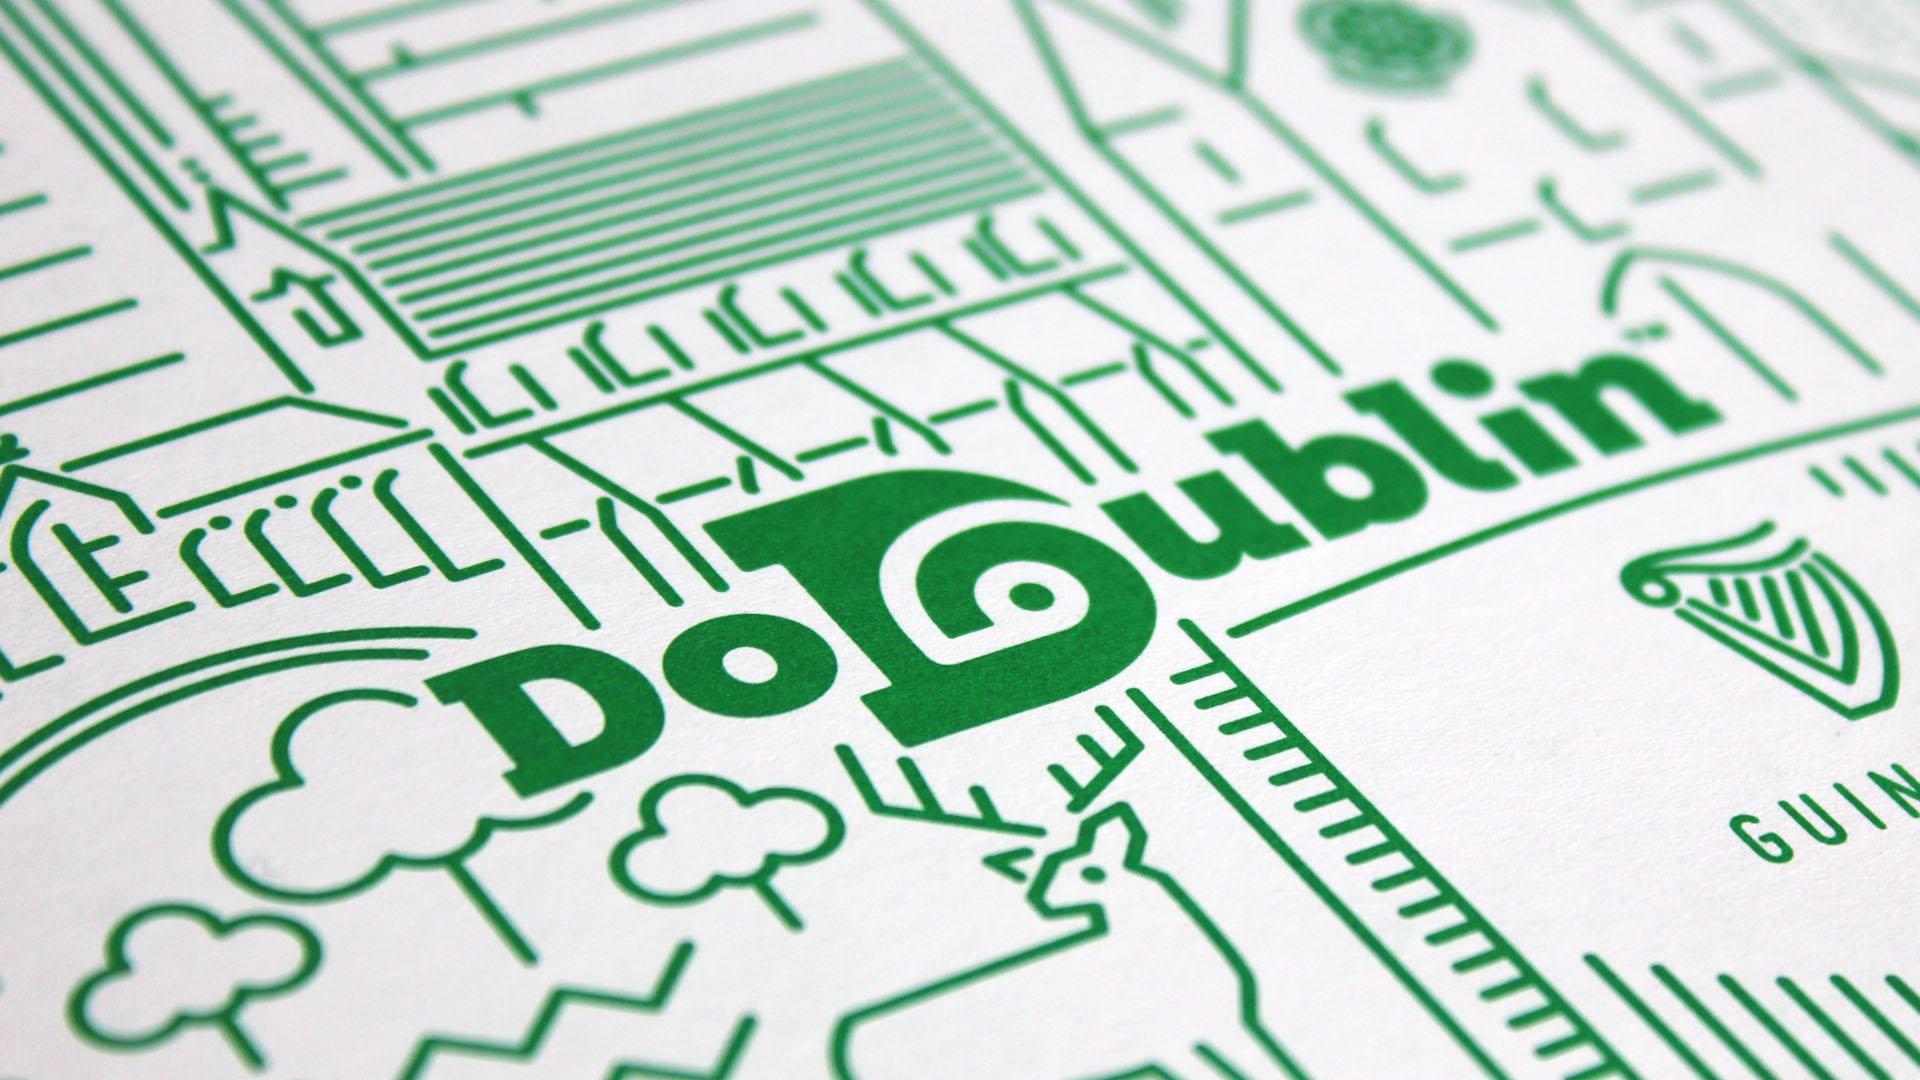 Cover image: DoDublin